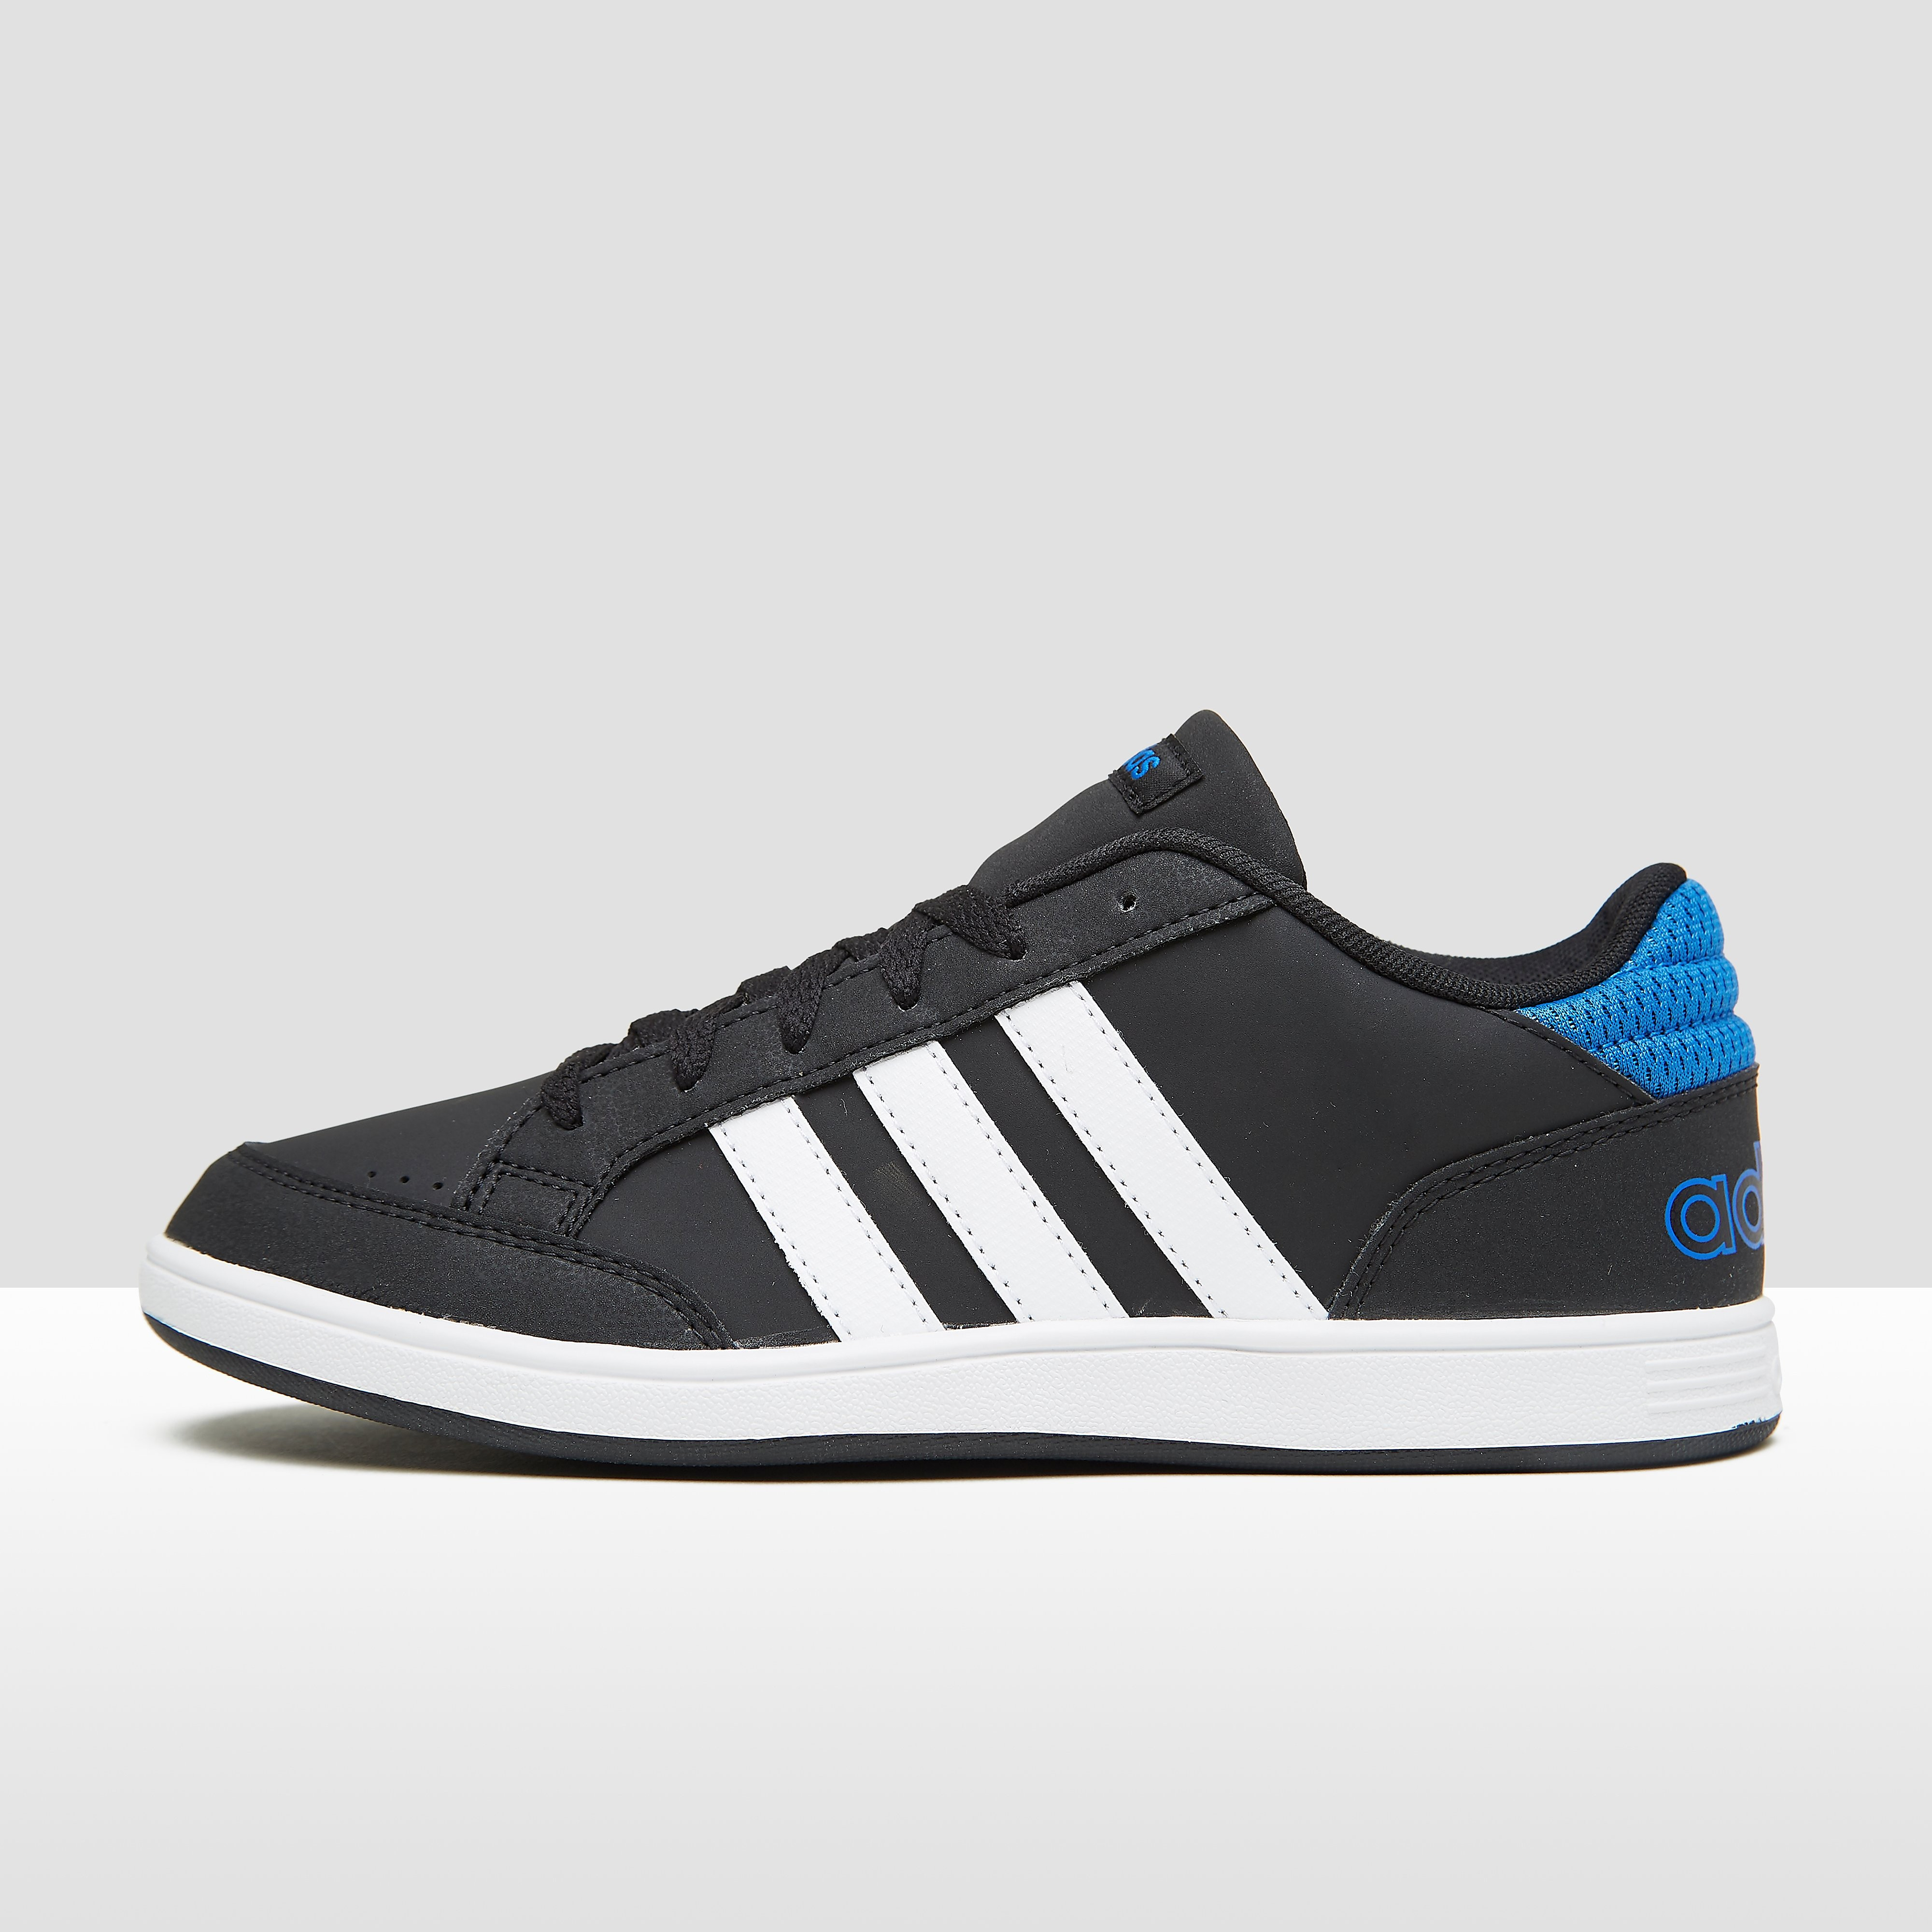 Adidas kindersneaker zwart en blauw